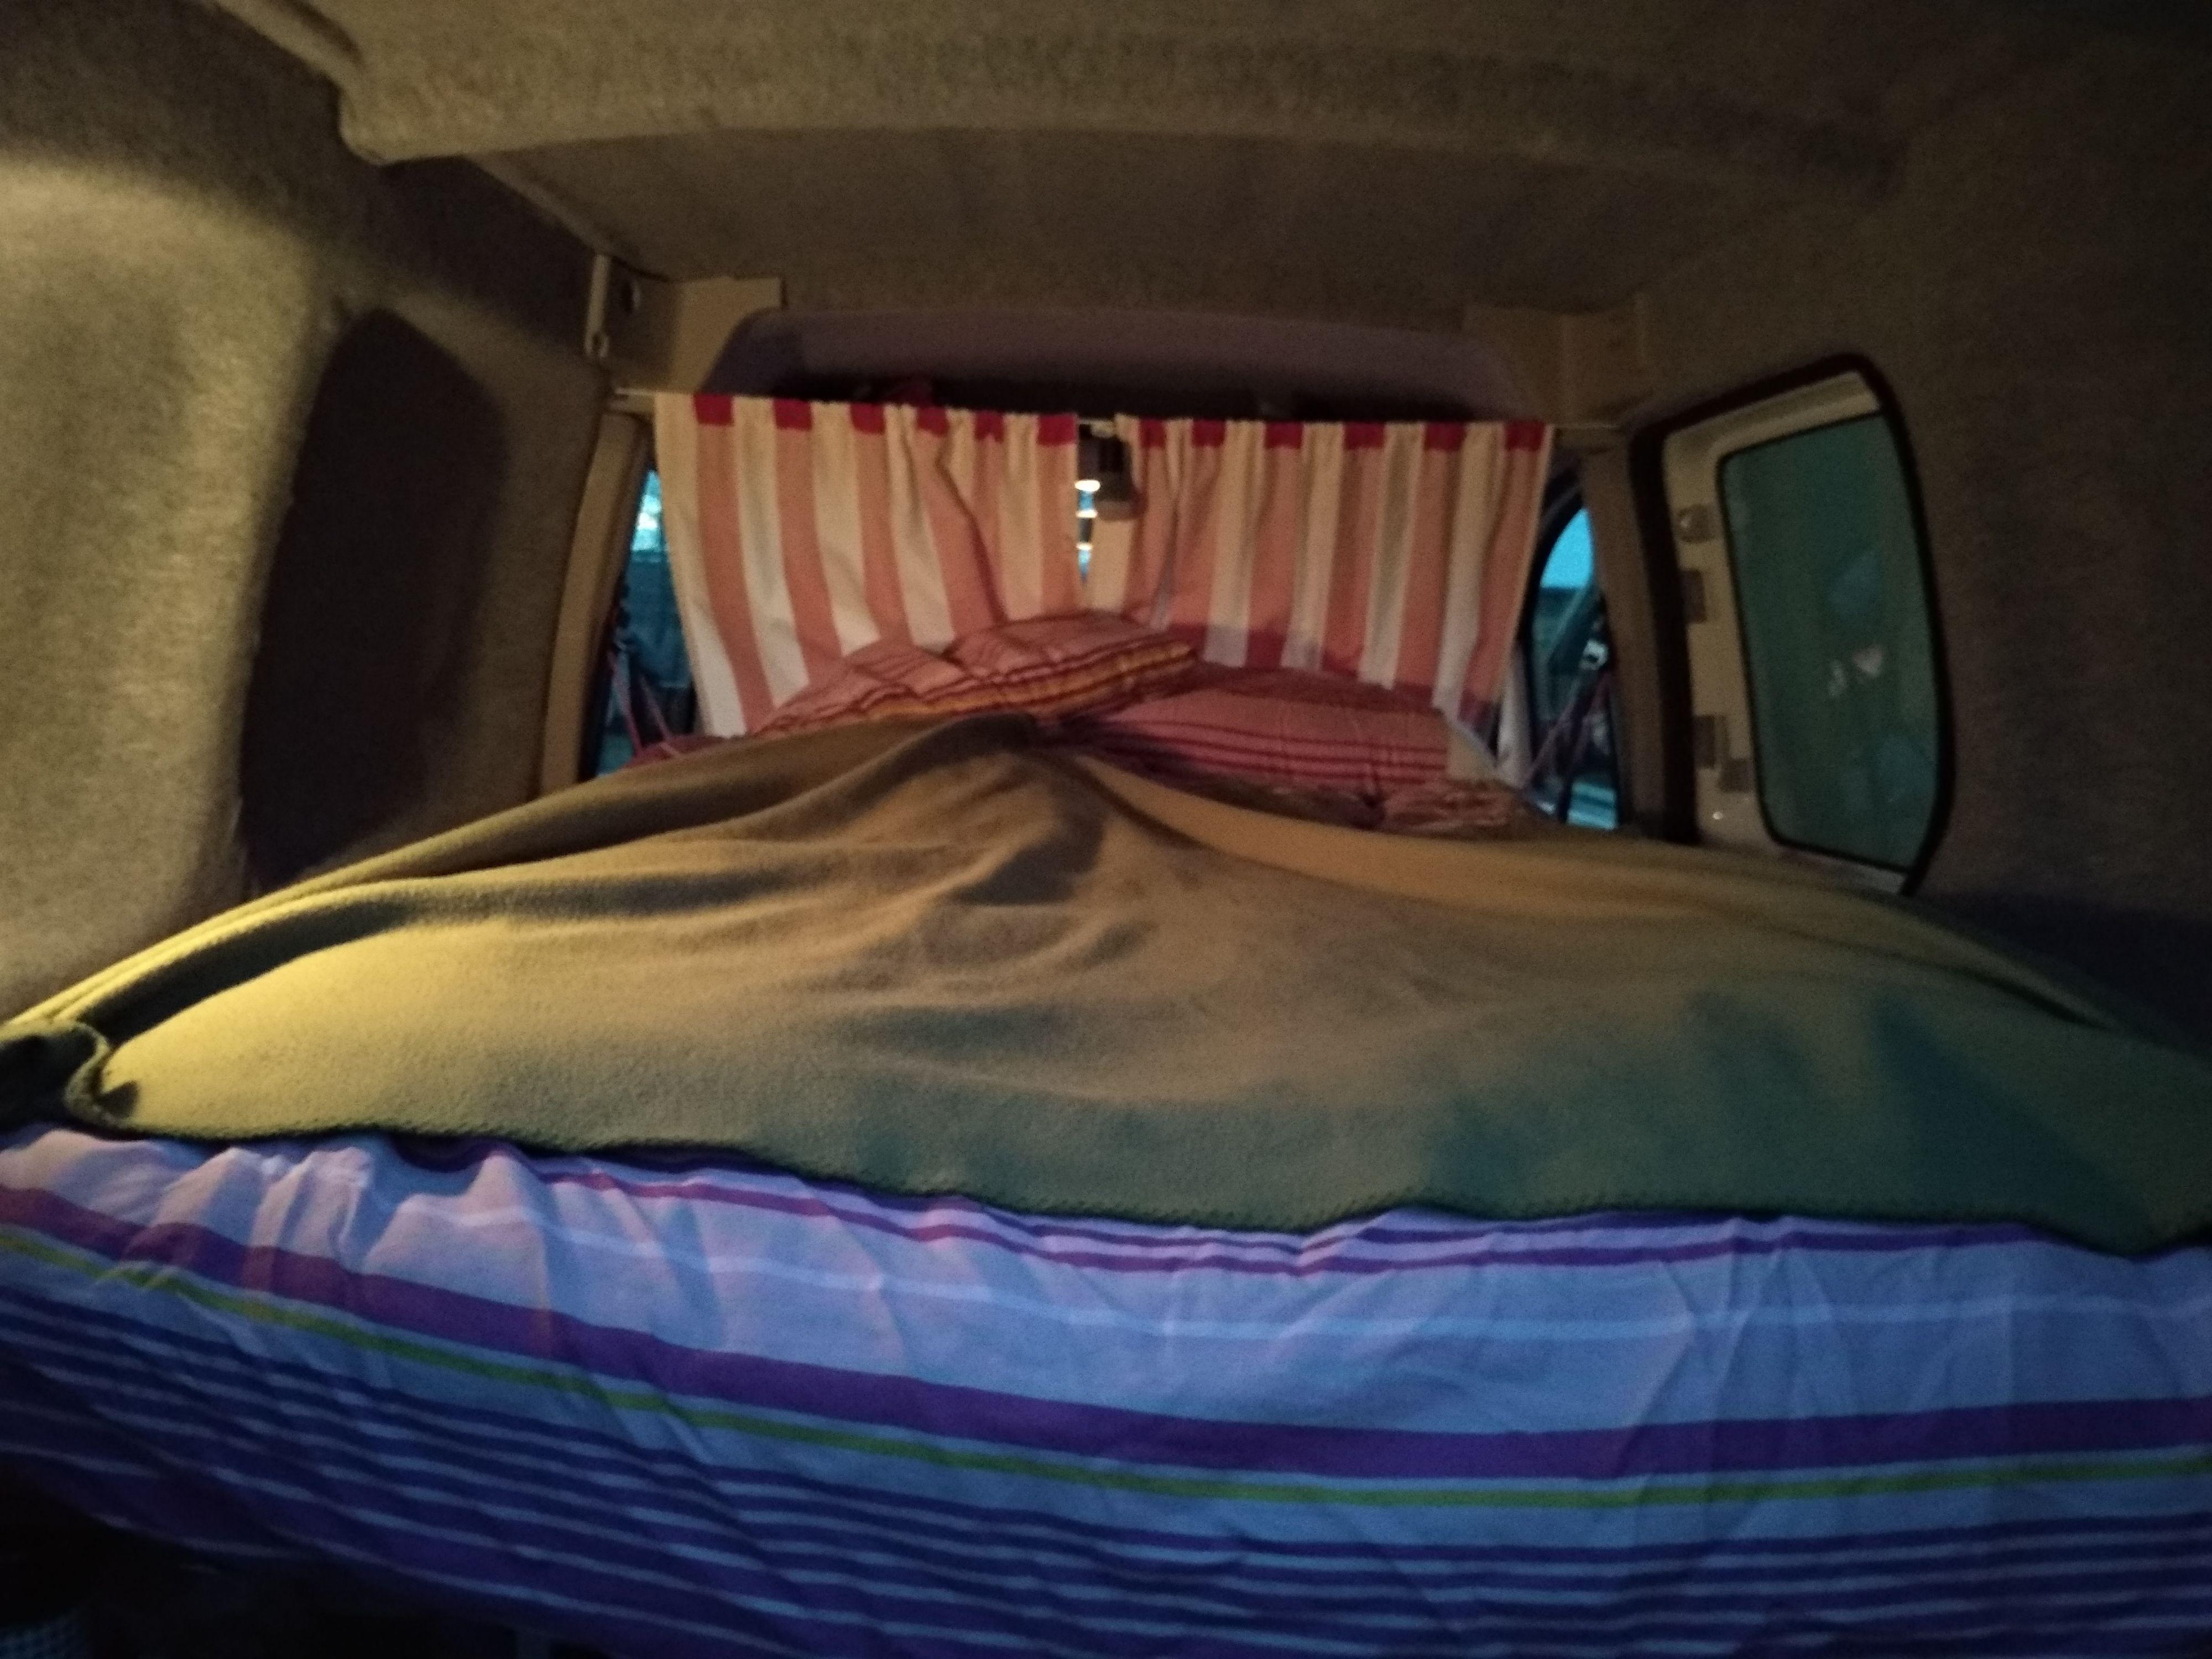 La cama montada en la camper van